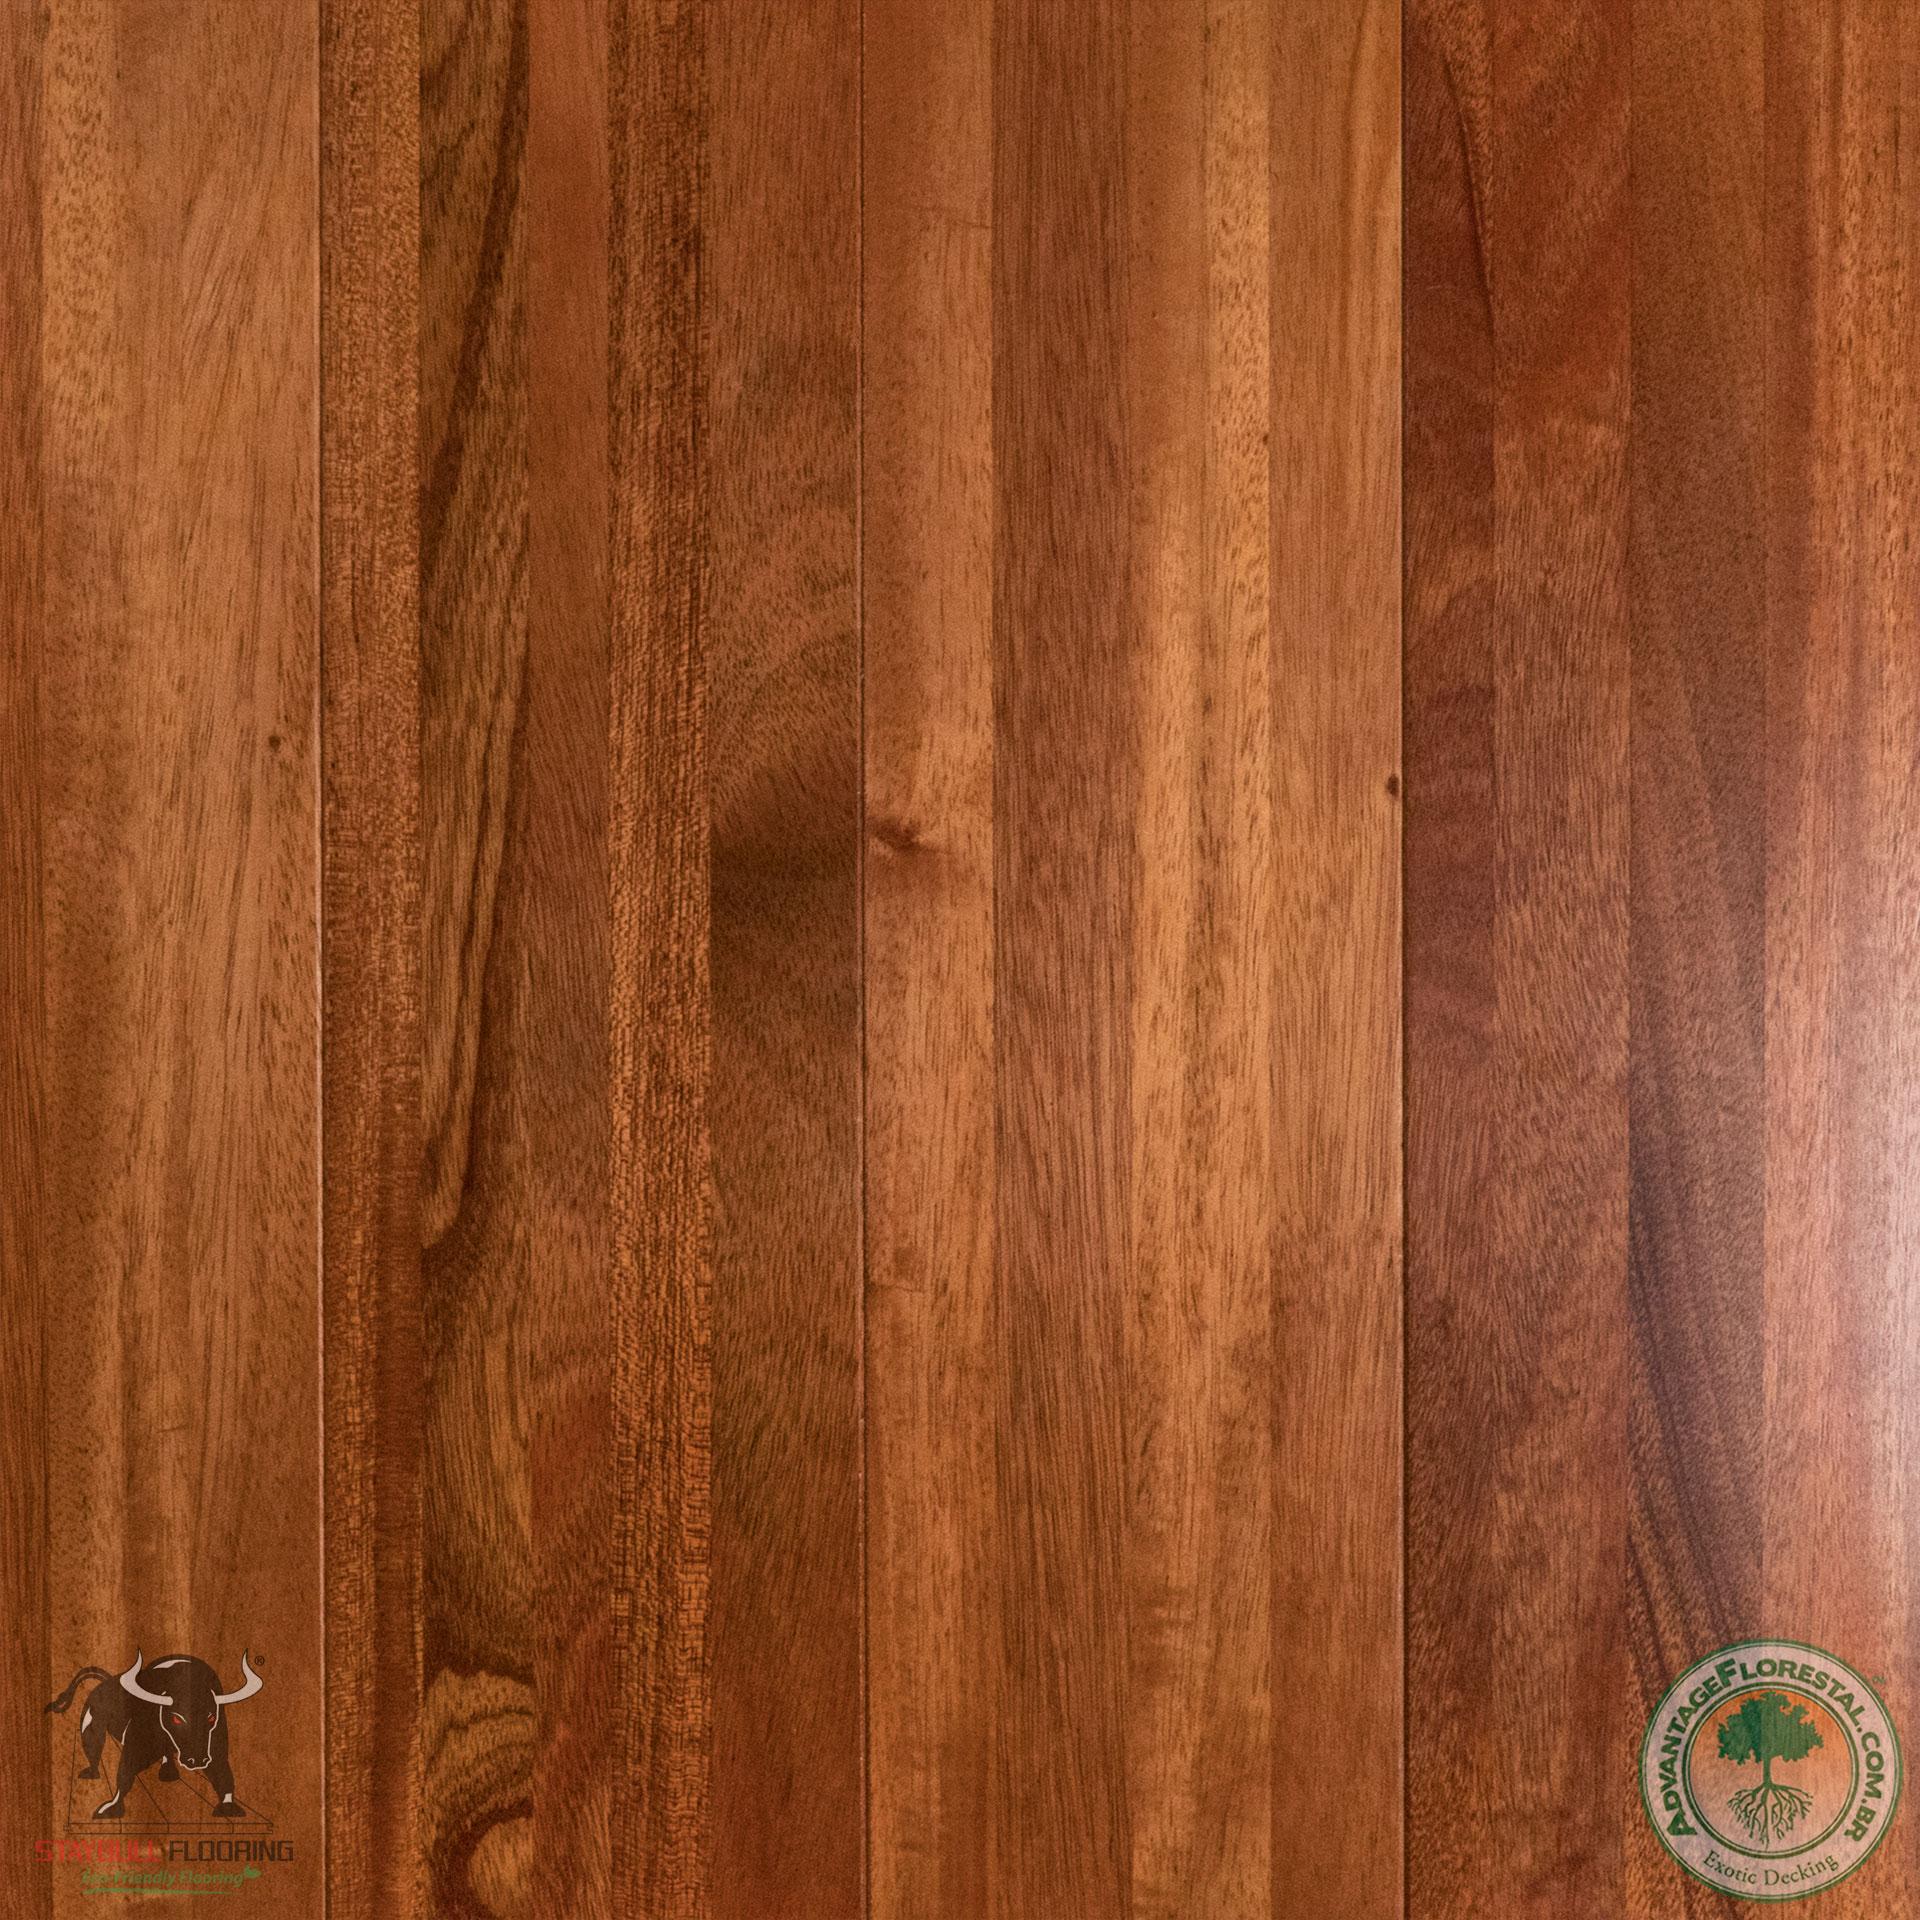 Wholesale Staybull African Mahogany Hardwood Flooring